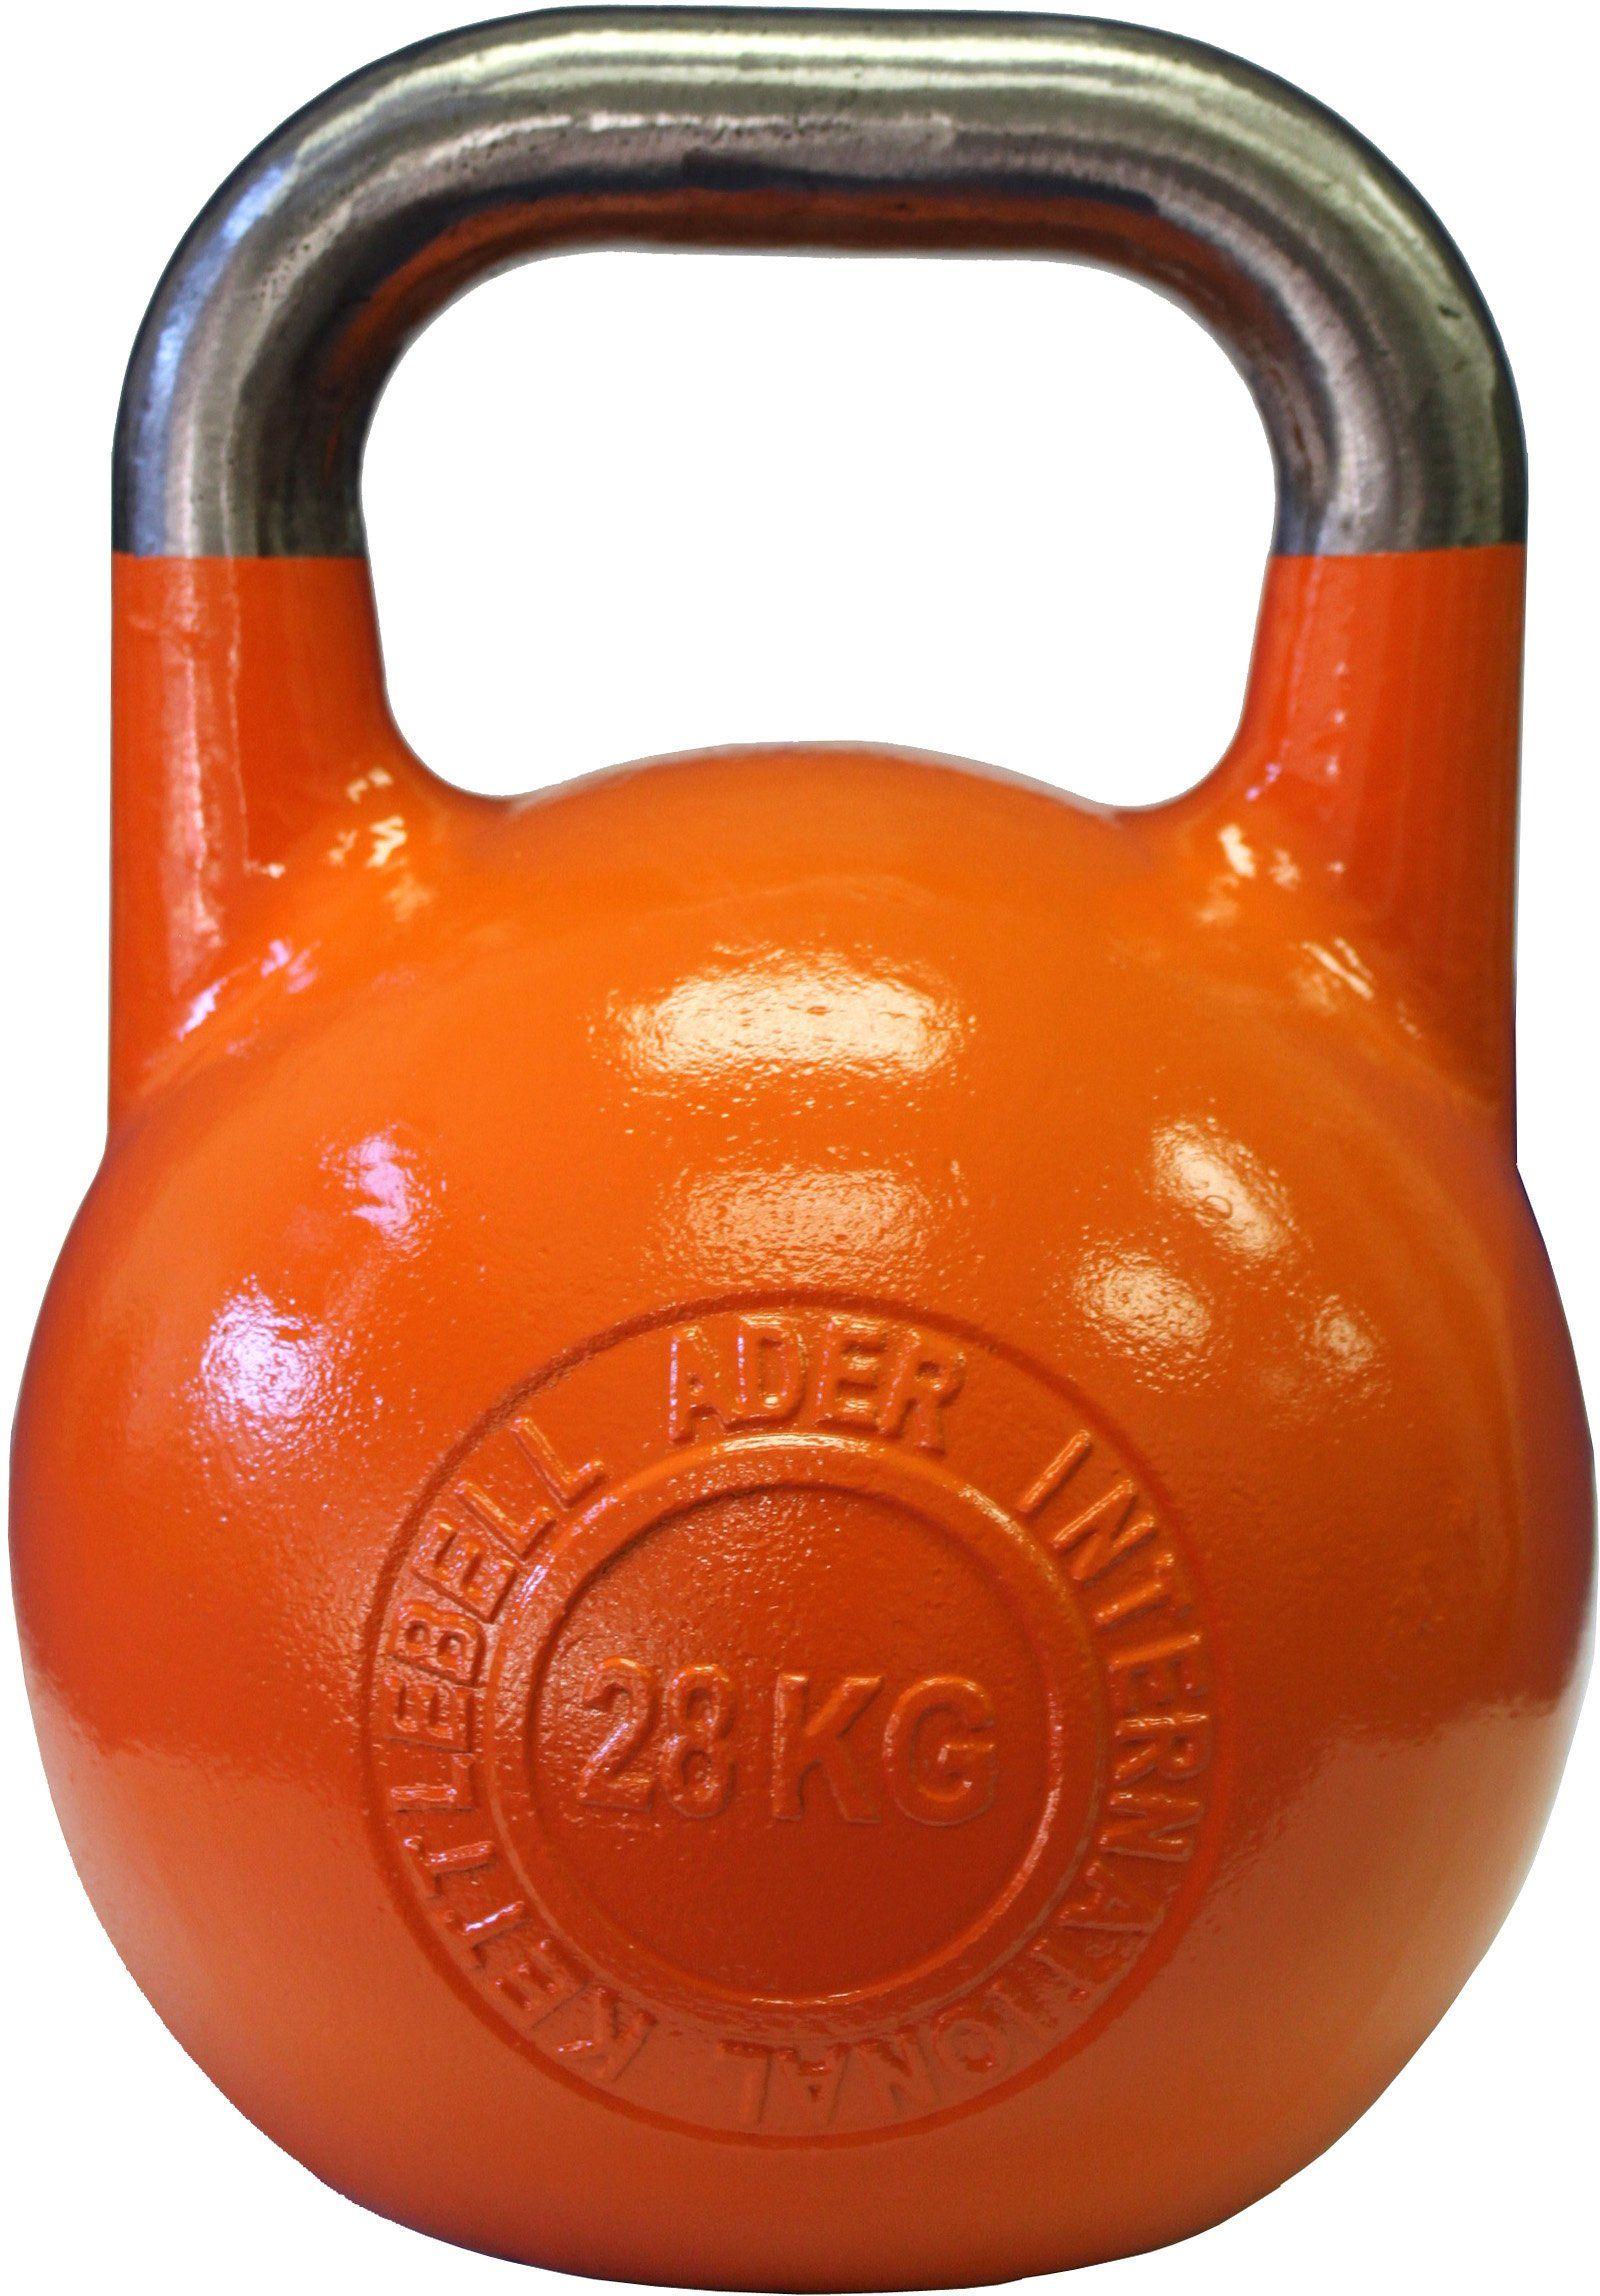 Ader Pro Grade International Kettlebell 28 Kg 62